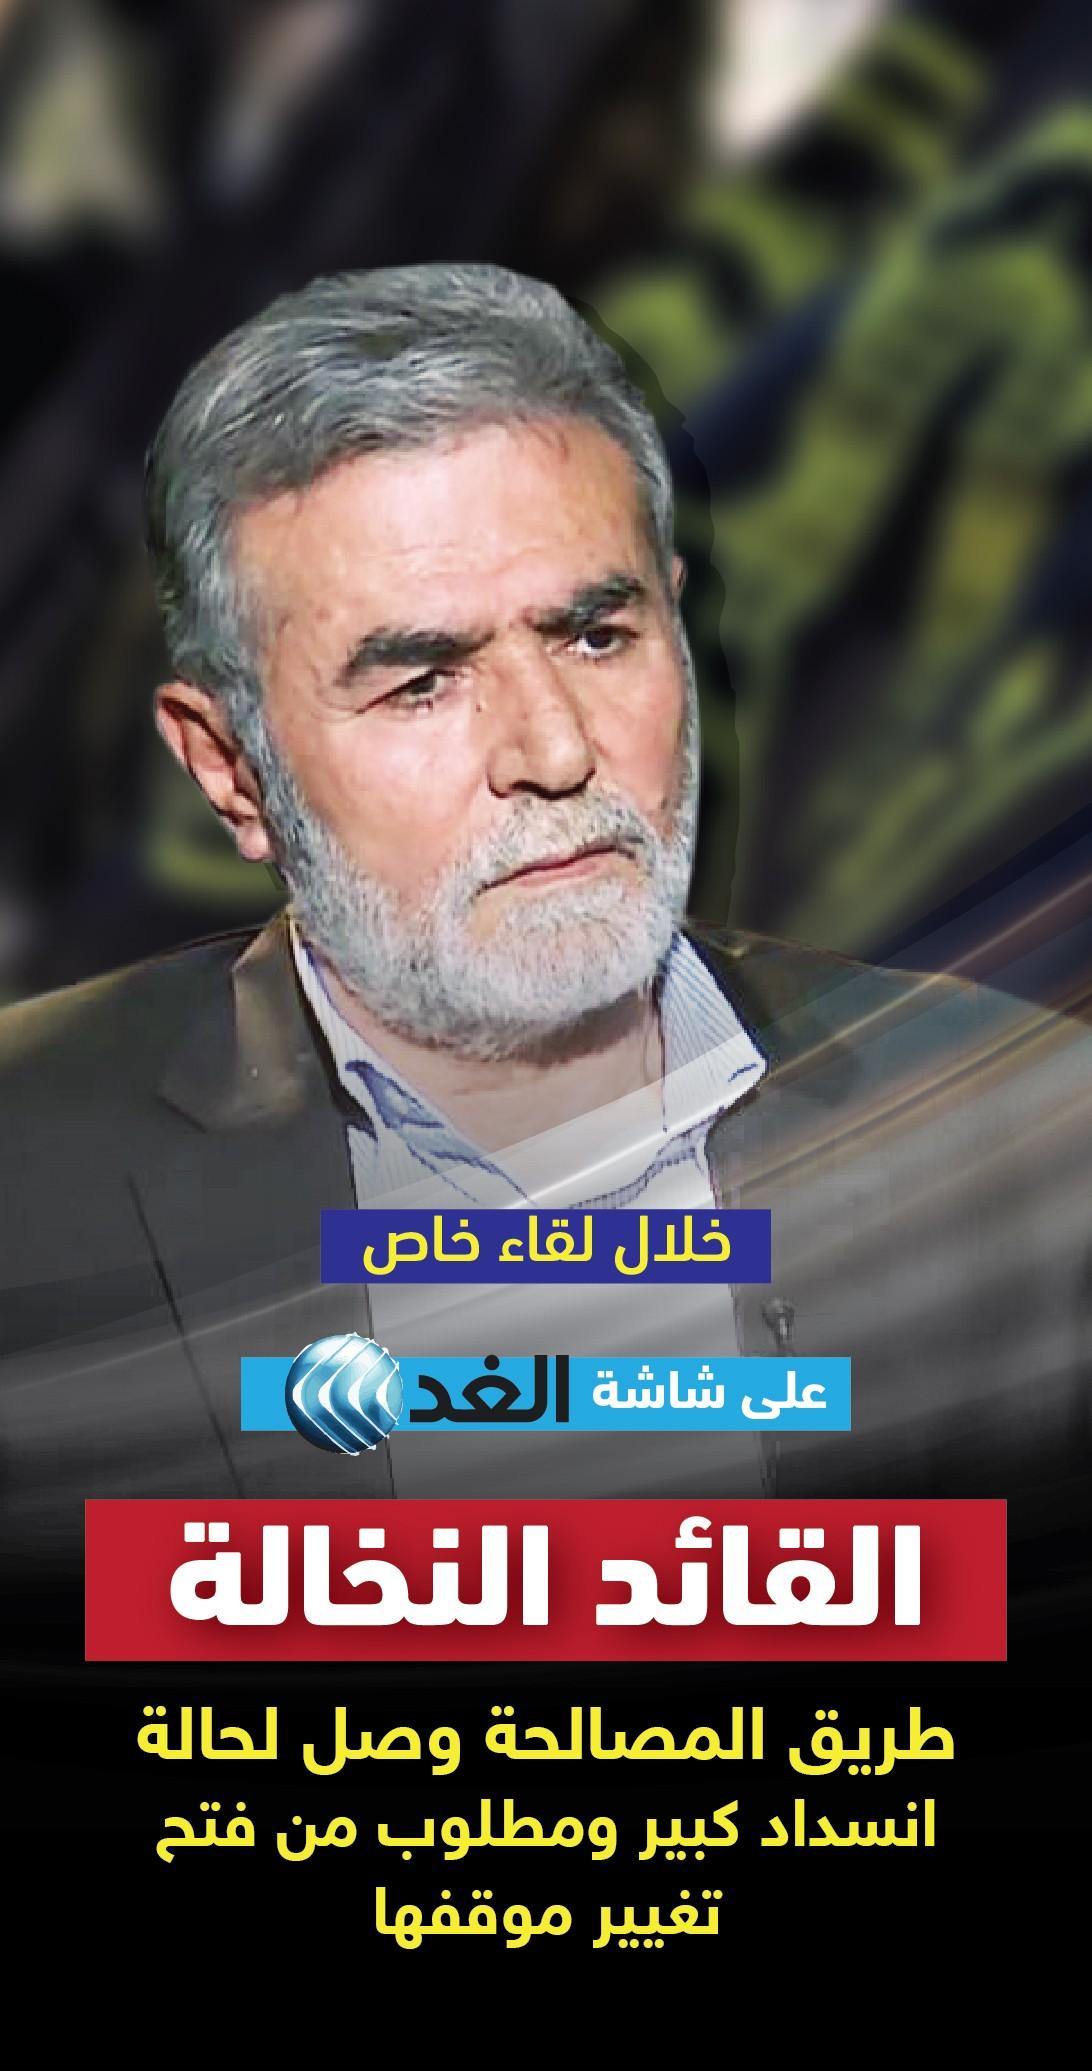 القائد النخالة: طريق المصالحة وصل لحالة انسداد كبير ومطلوب من فتح تغيير موقفها